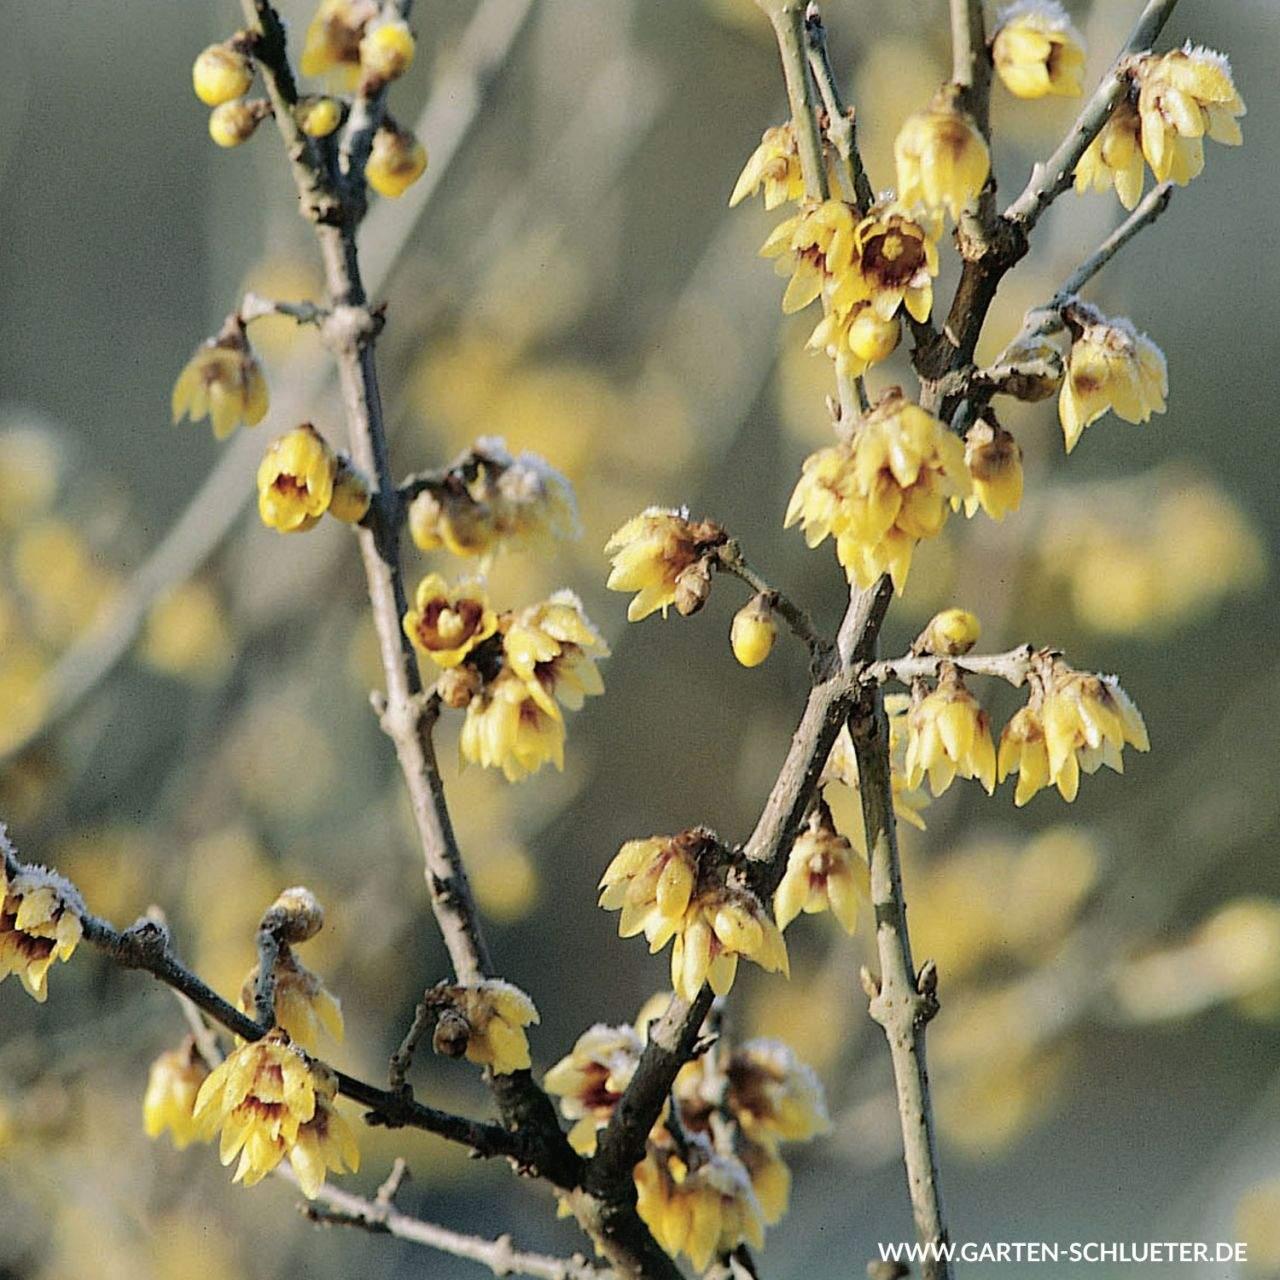 1 Chinesische Winterbluete Chimonanthus praecox 1280x1280